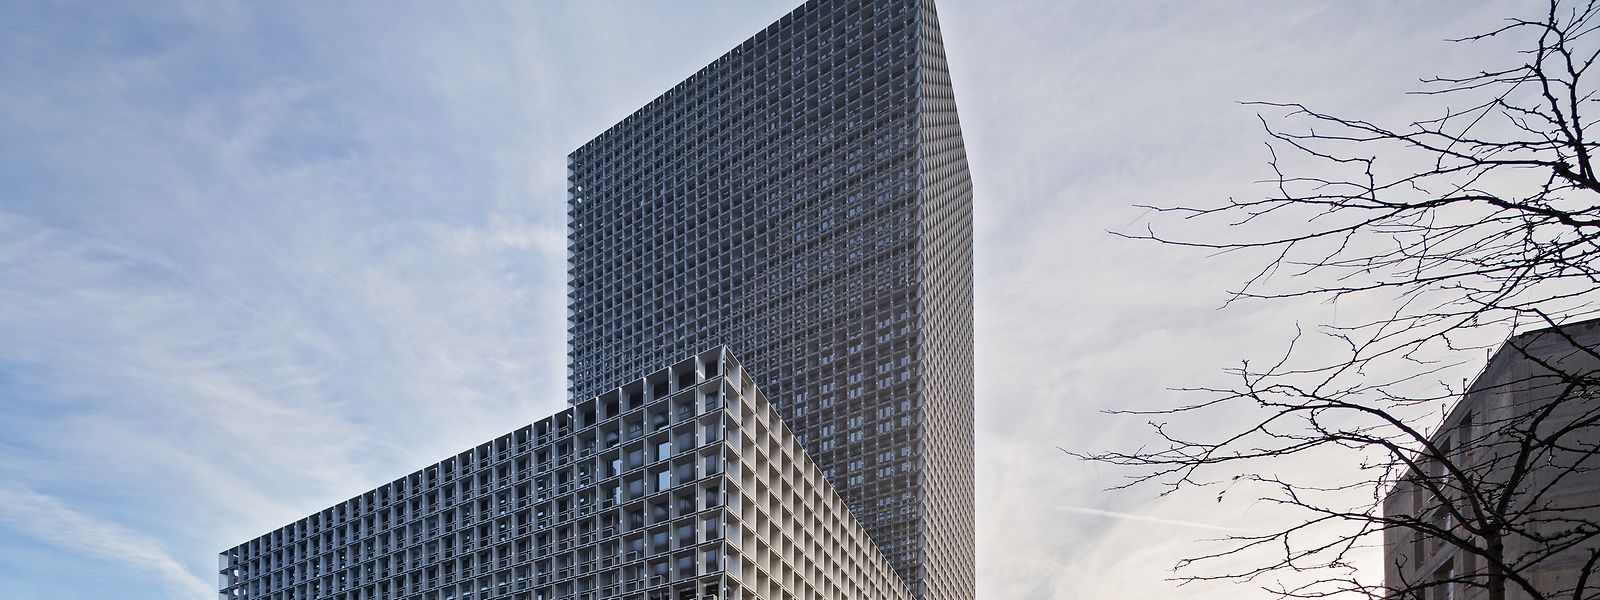 2016 ging der Fonds Belval als Sieger hervor. Die Architektur der Maison du Savoir in Belval konnte die Jury überzeugen. Entworfen wurde das Gebäude von den Büros Baumschlager Eberle und Christian Bauer et Associés Architectes.